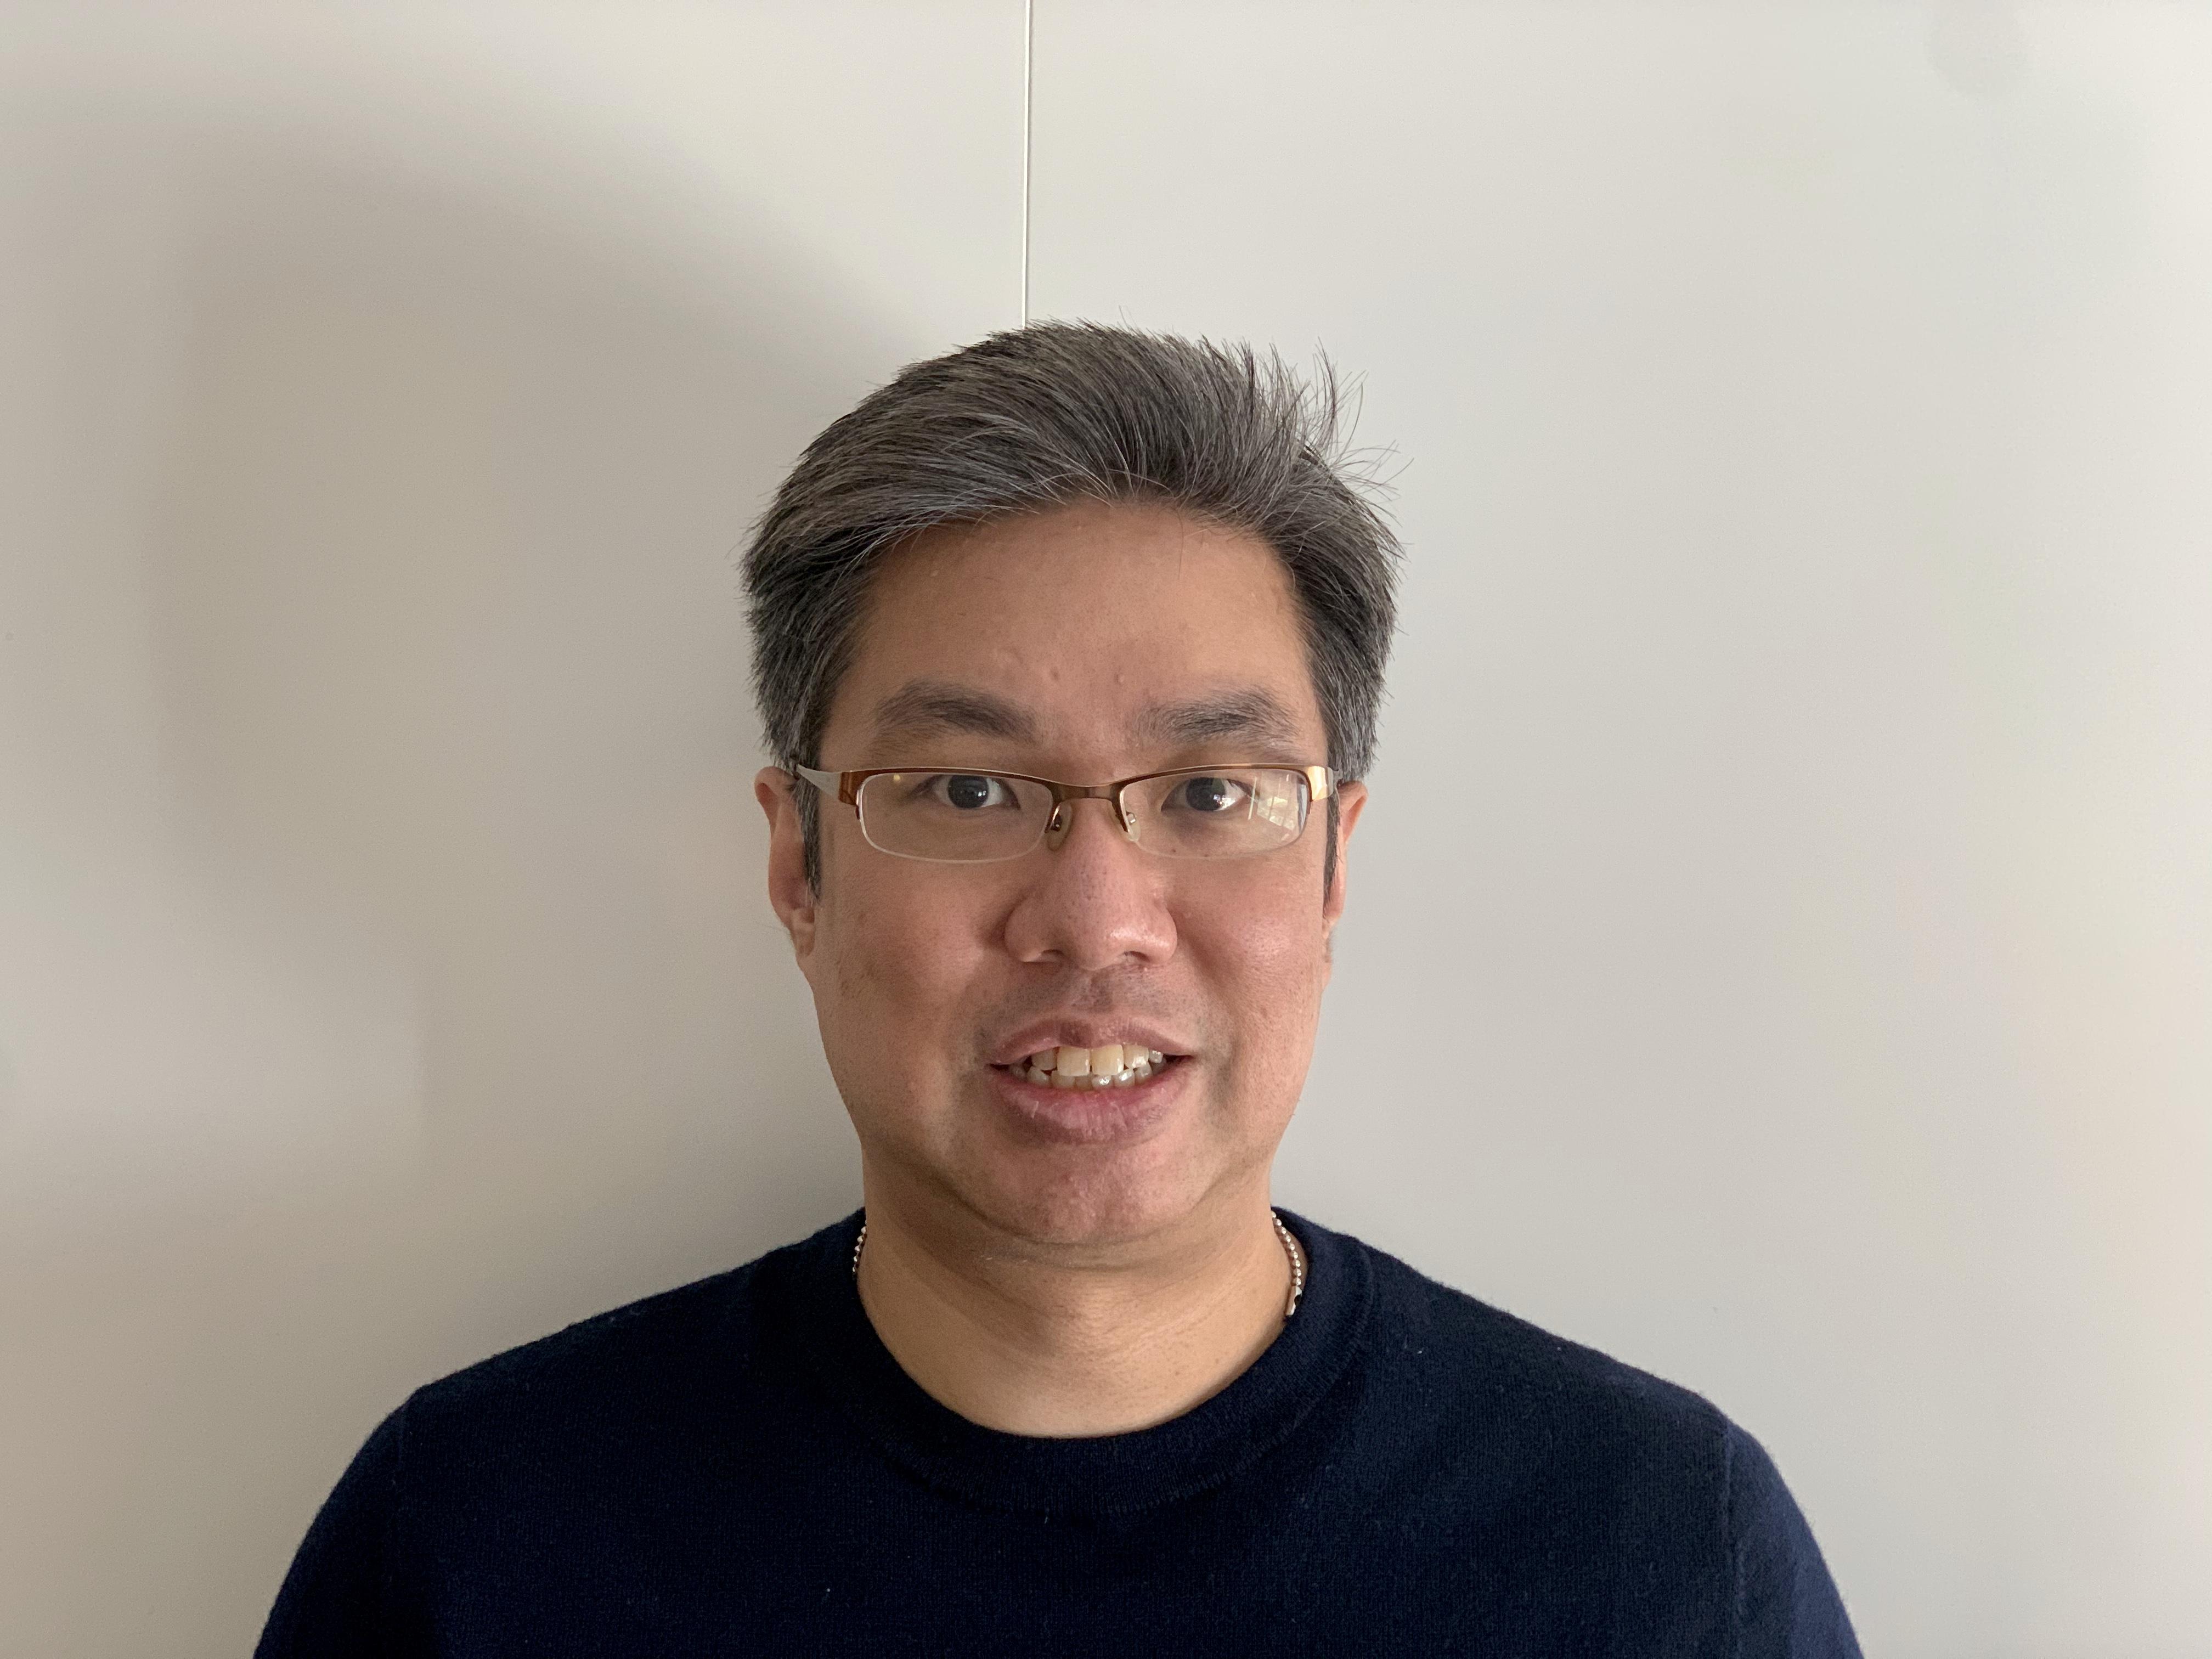 Derek Shiu